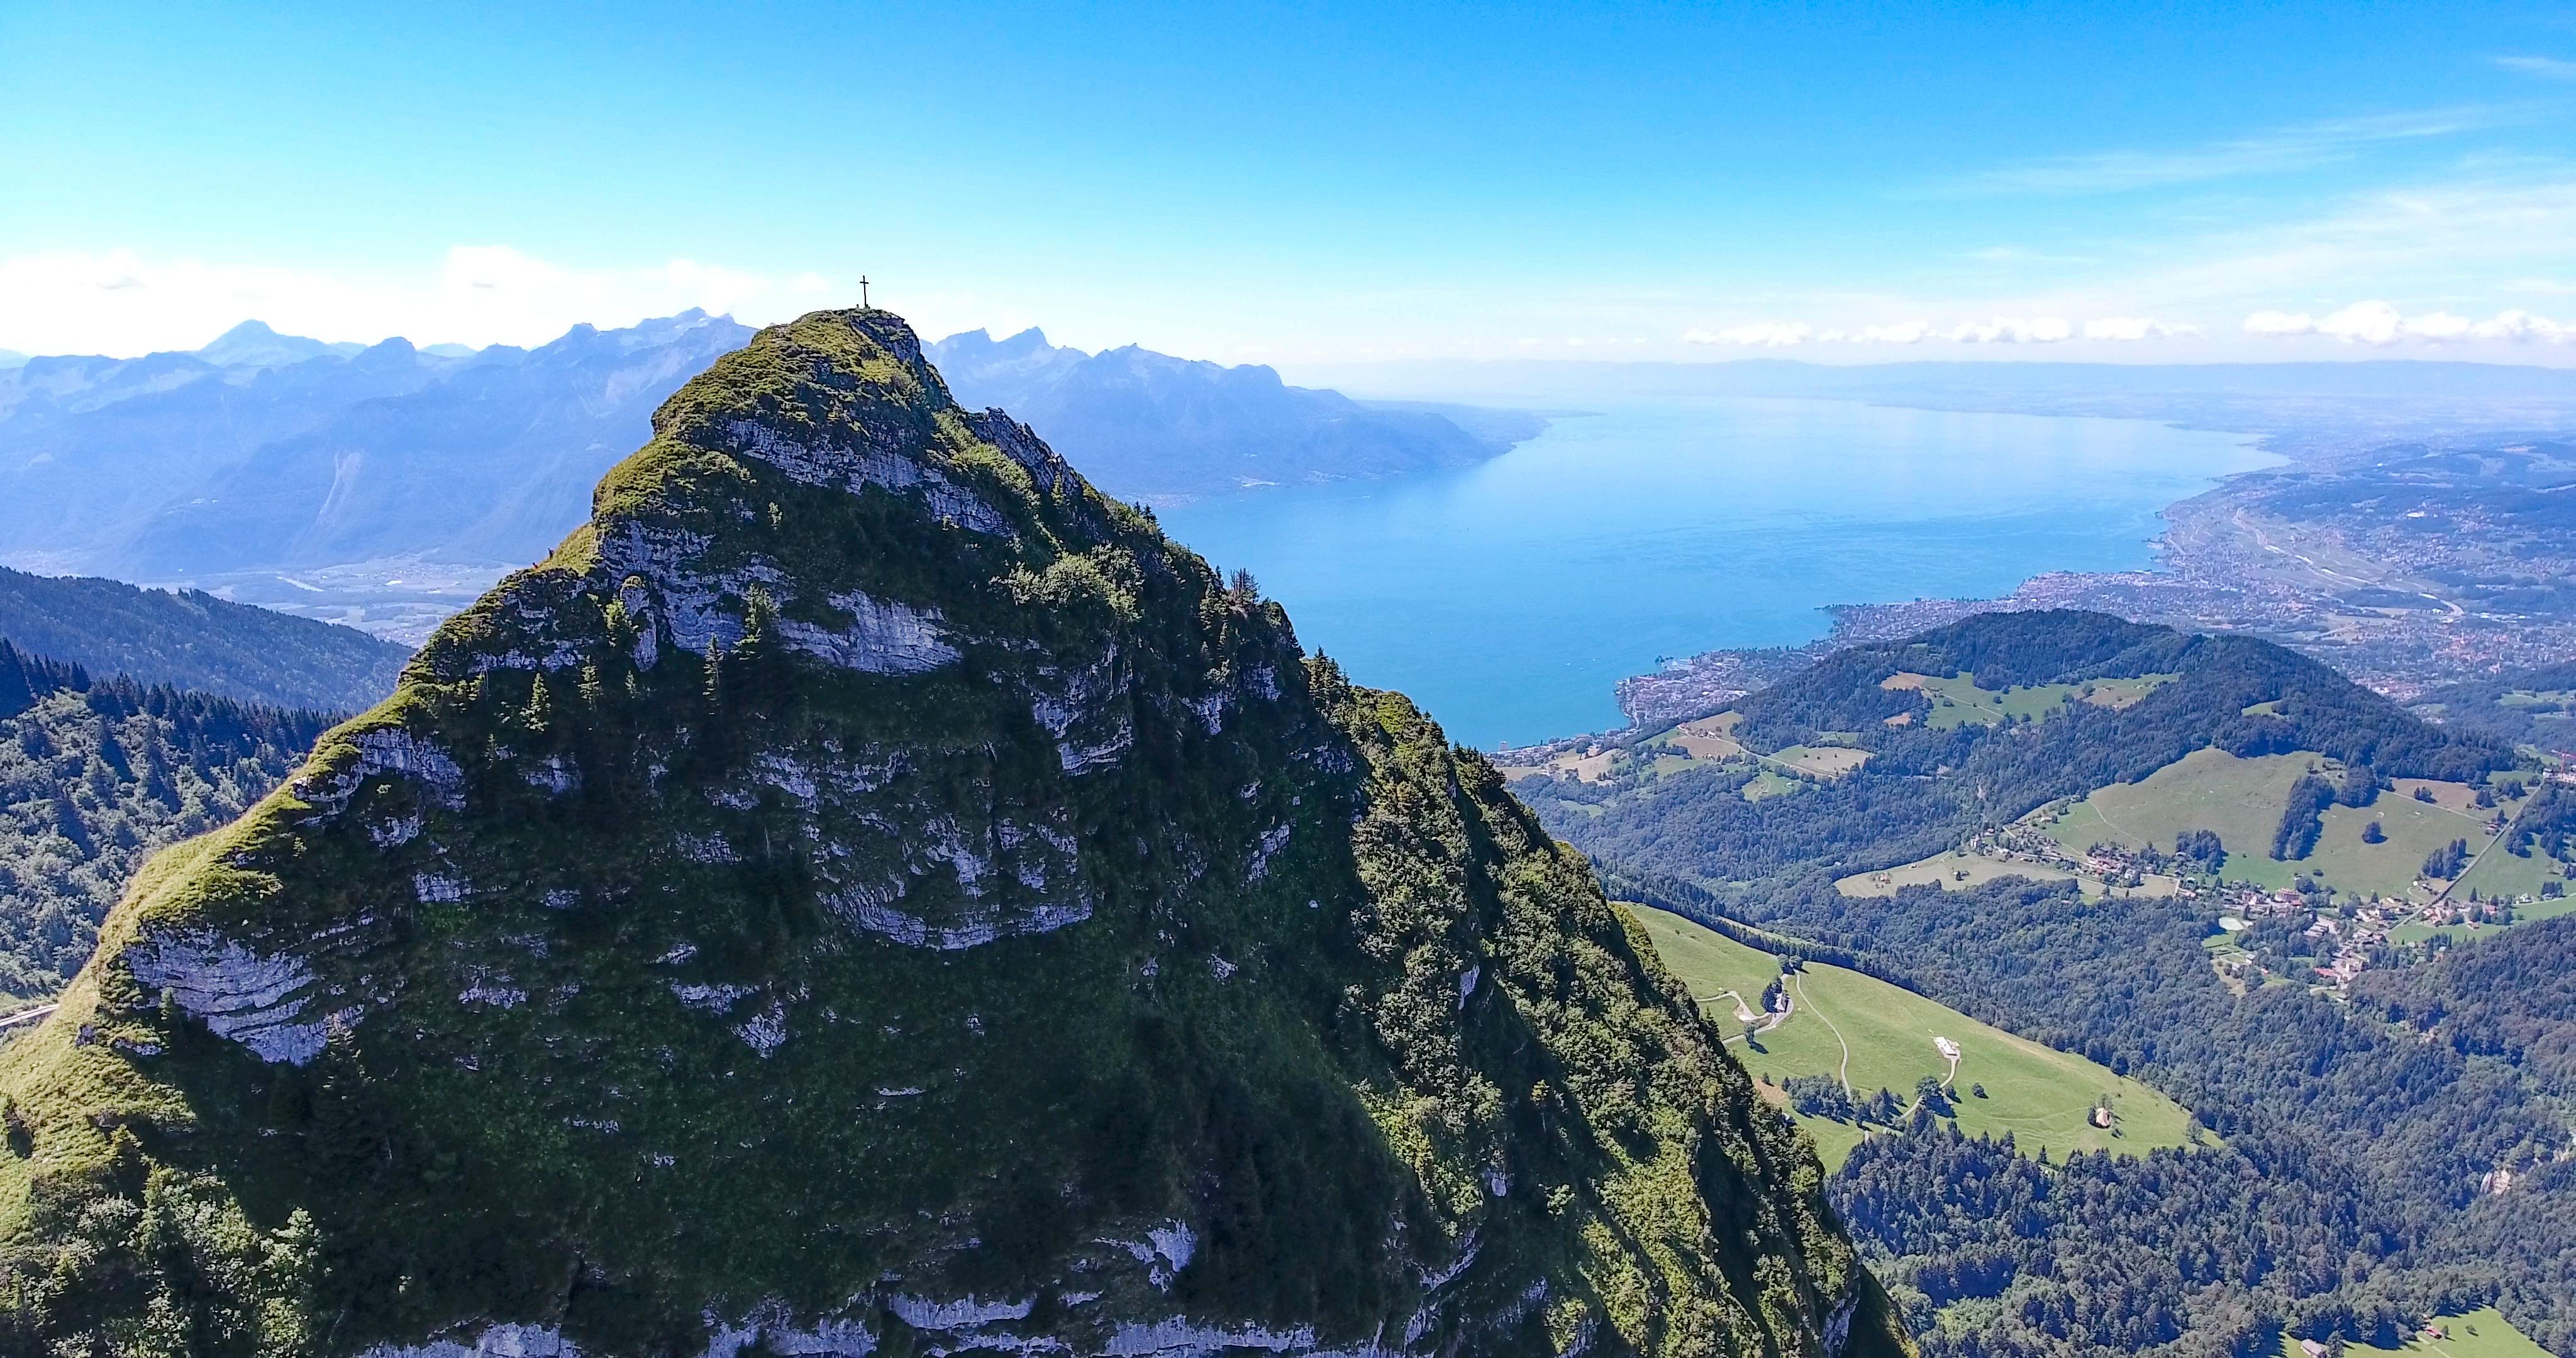 Montreux-Rocher-DeNaye-MVT-2019-1